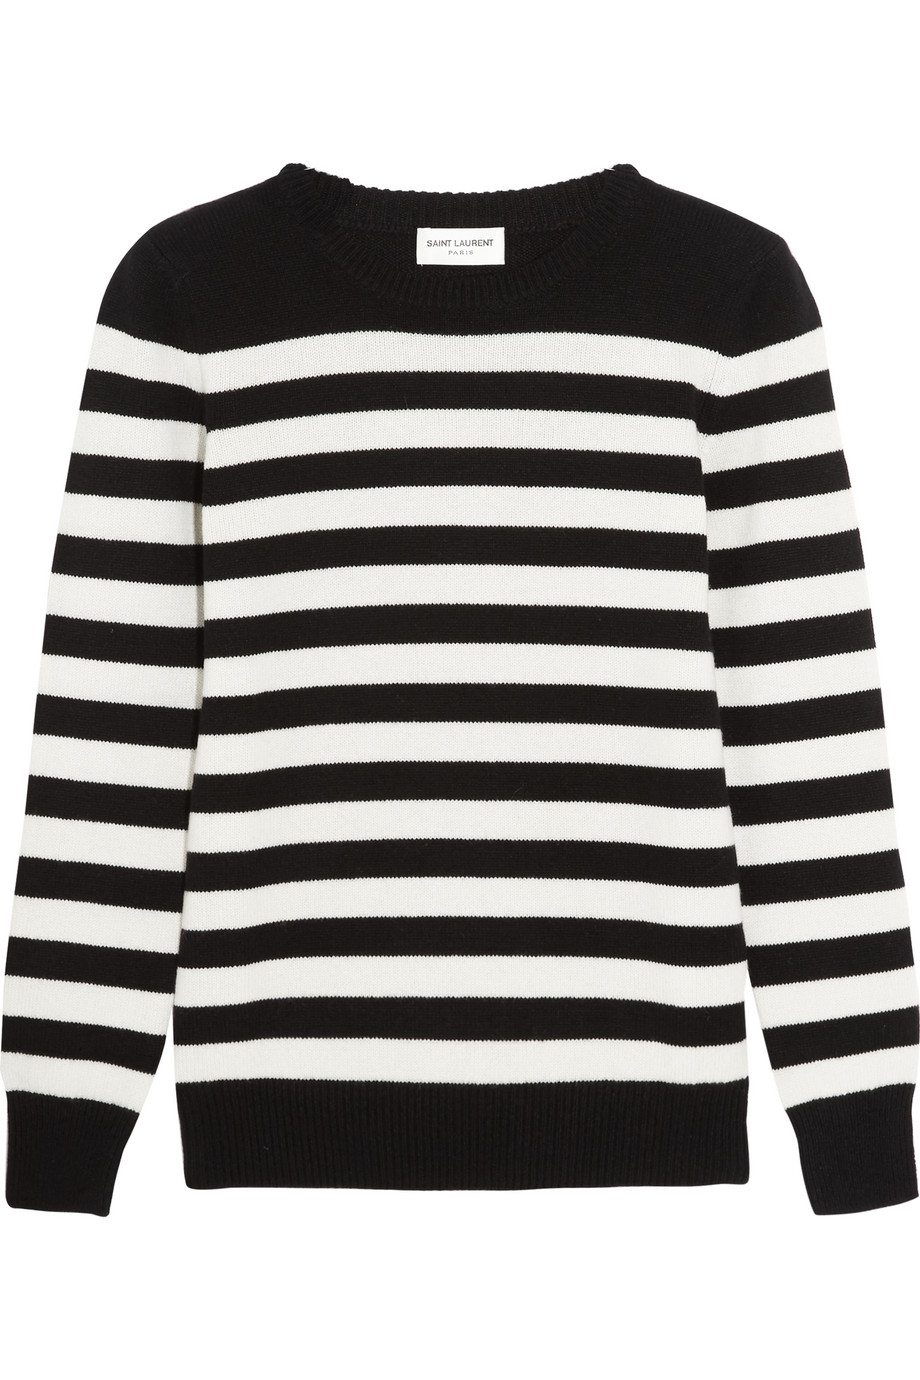 Saint Laurent Striped Cashmere Sweater, Black, Women's, Size: XS